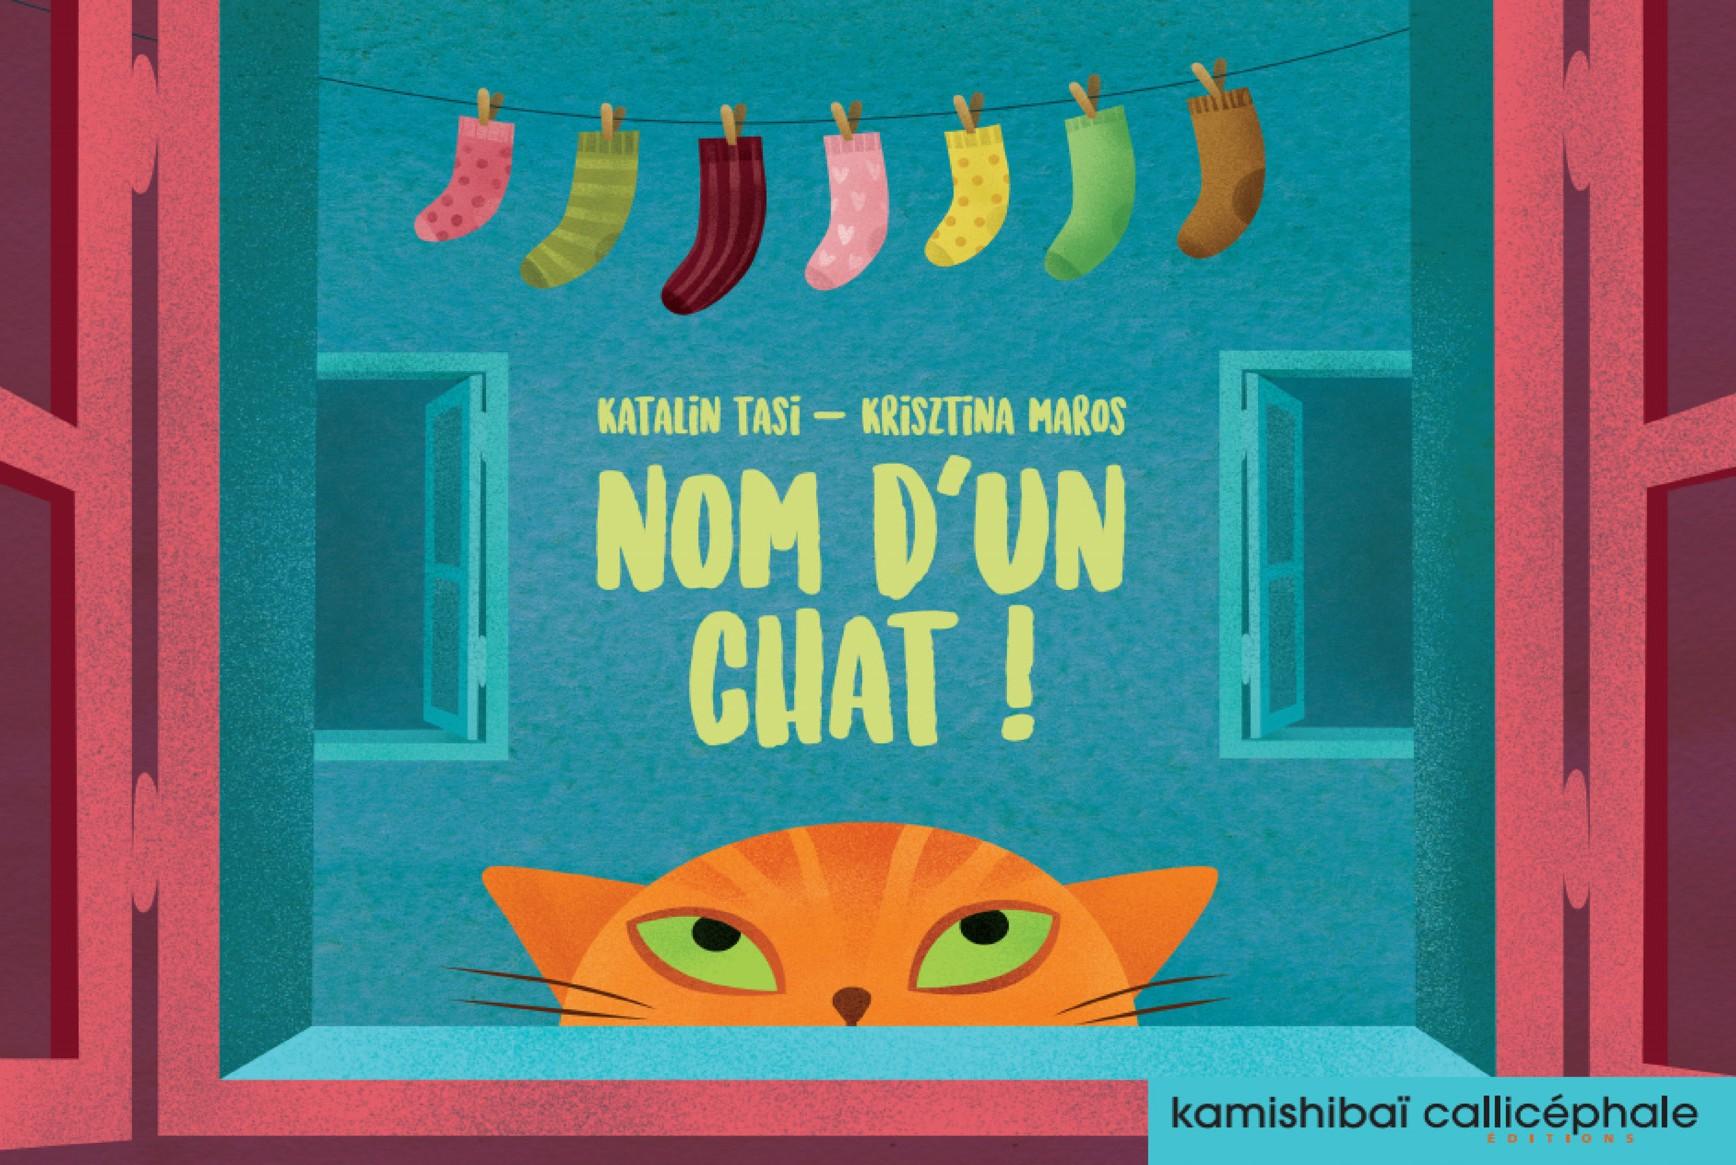 NOM D'UN CHAT / KAMISHIBAI / CALLICEPHALE